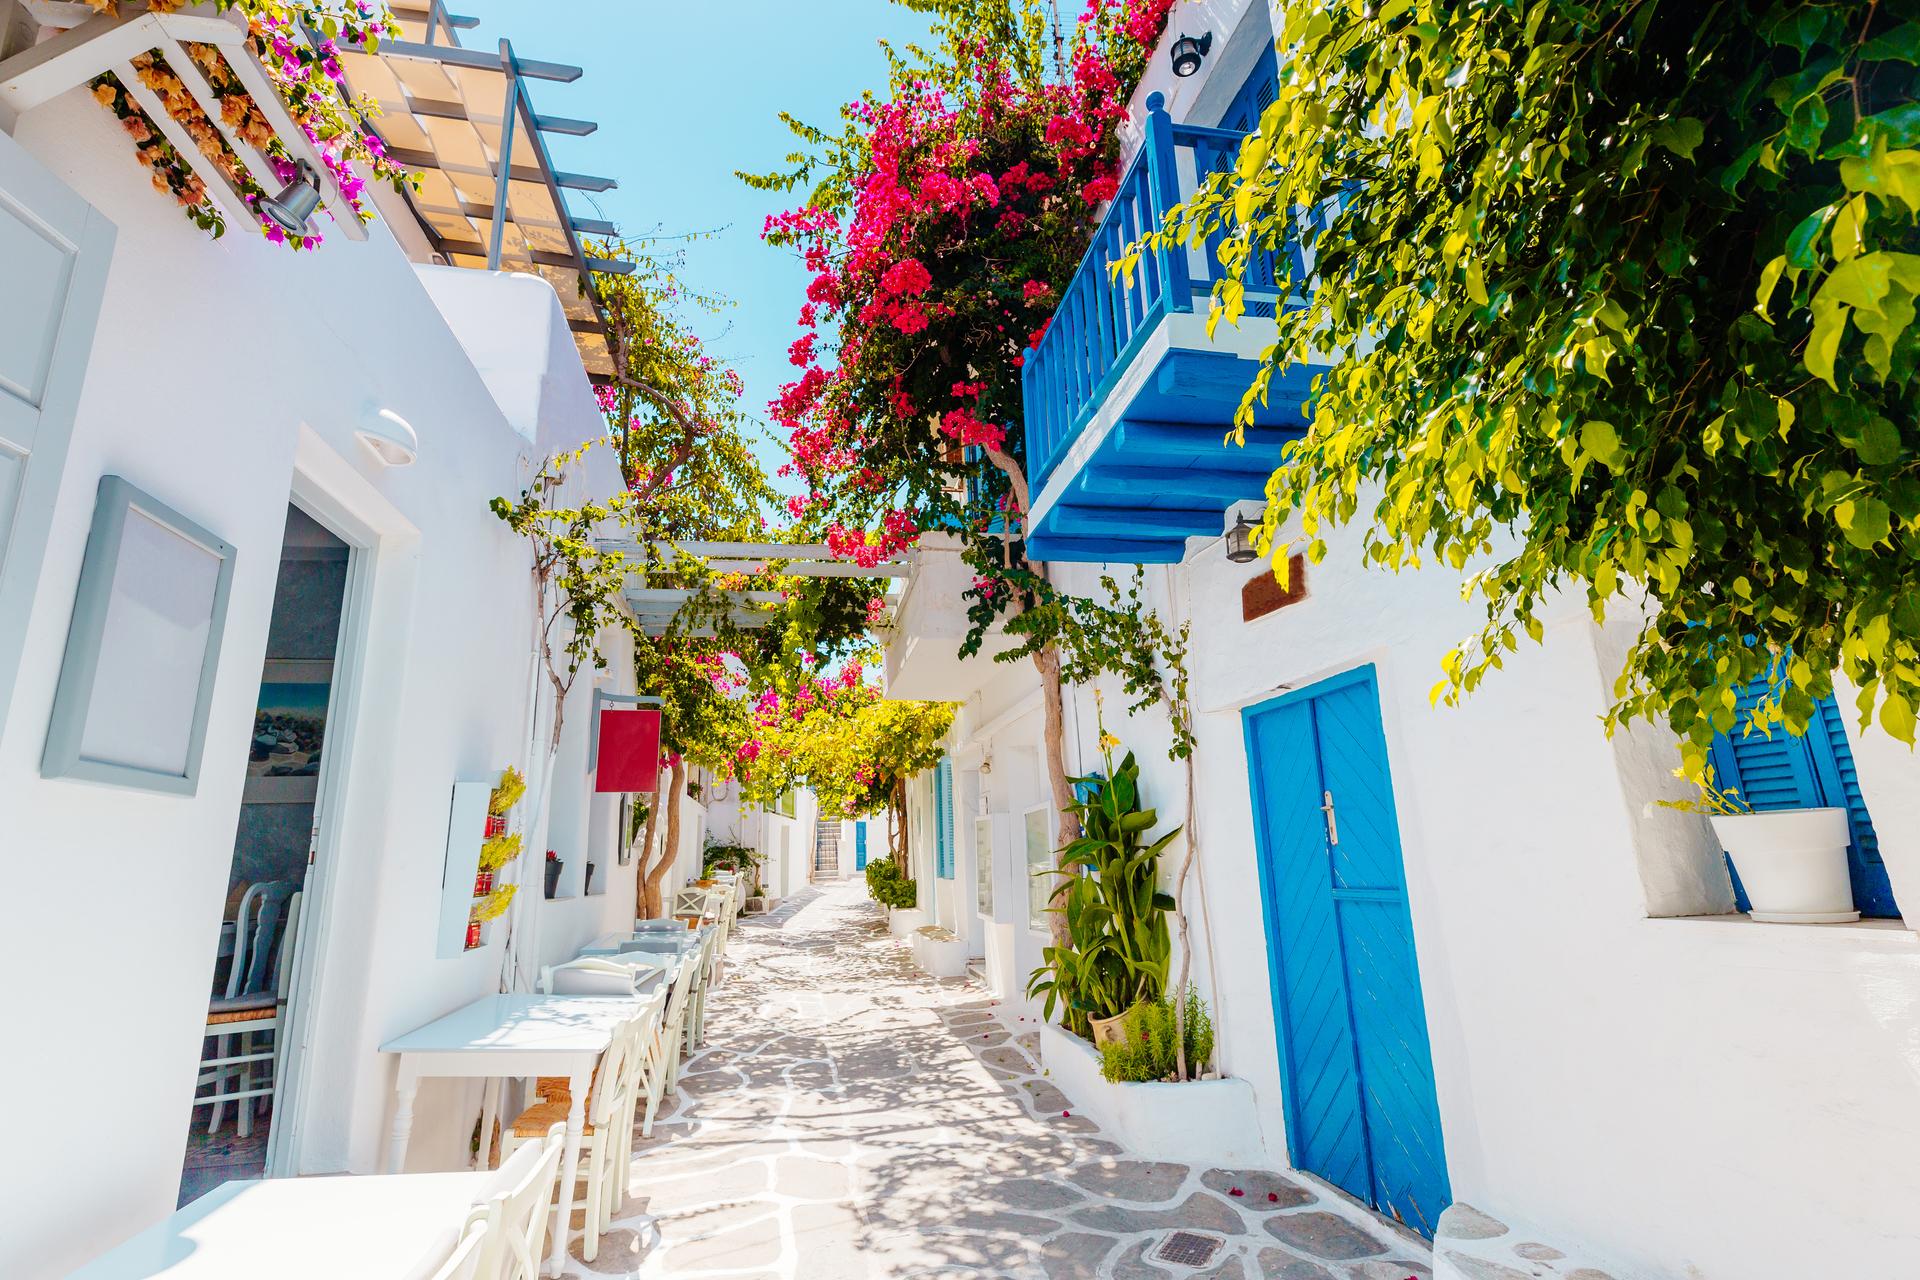 Traditionele Griekse straat met kleurrijke bloemen en blauwe deuren op het eiland Paros, Griekenland